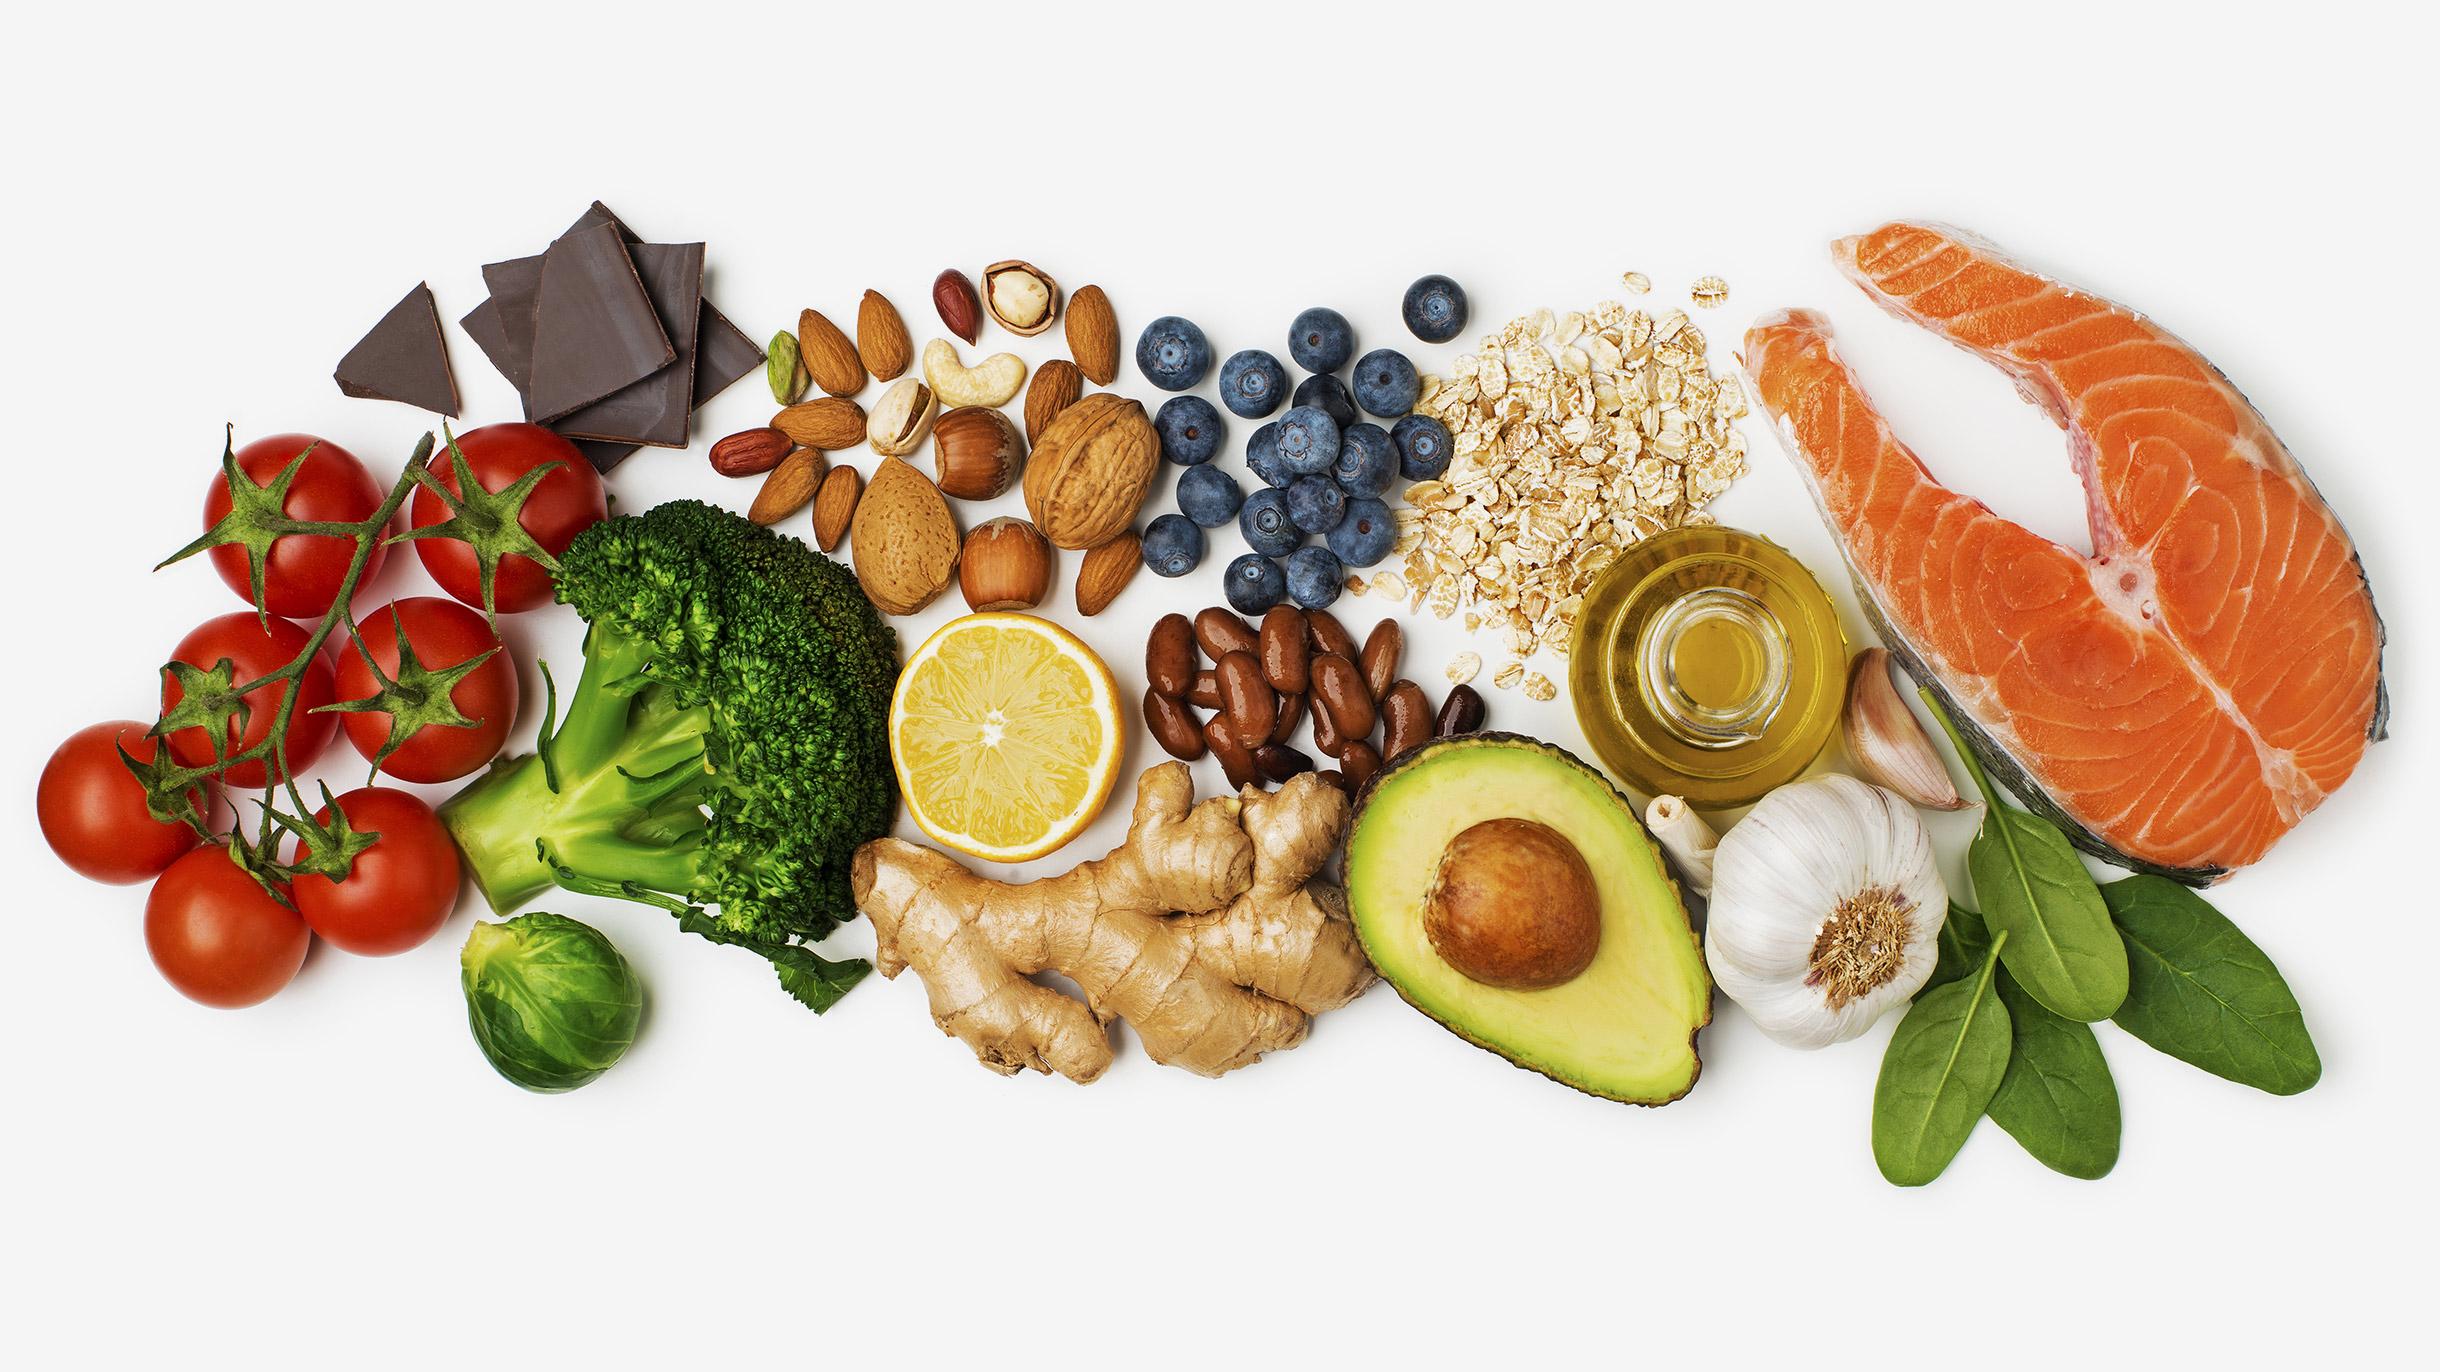 Сколько стоит здоровое питание длясемьи из четырех человек